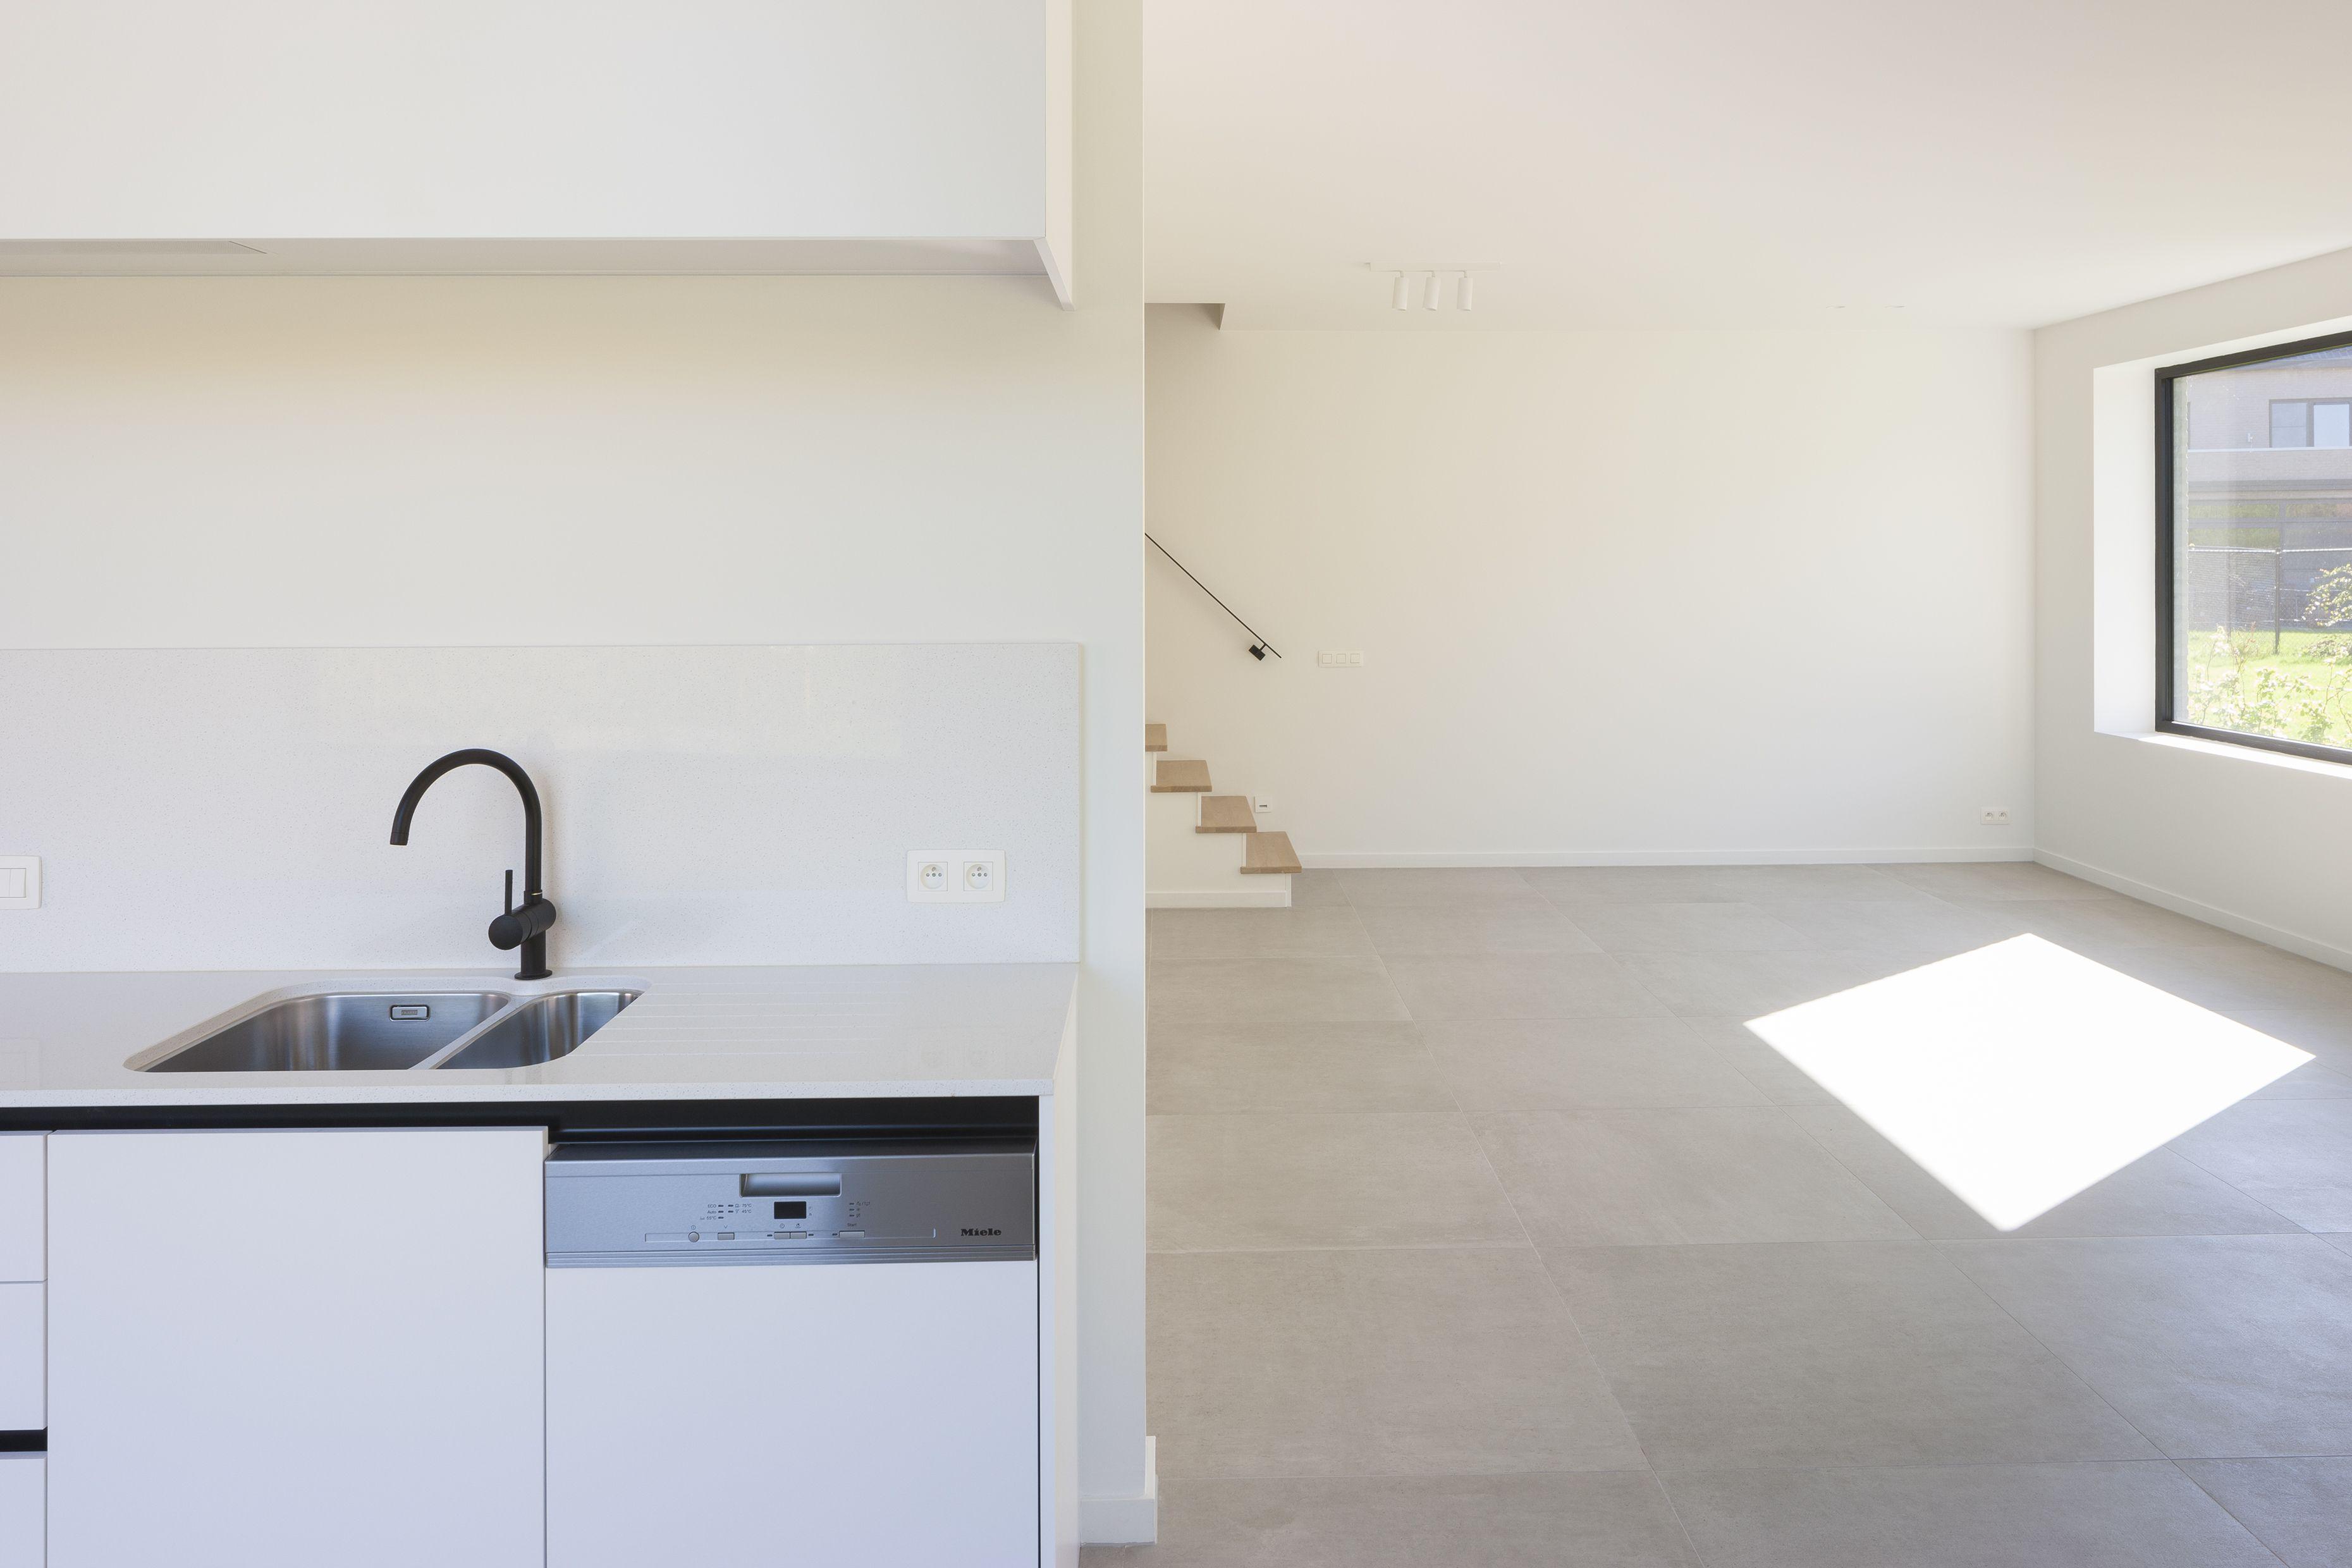 Moderne witte keuken met zwarte accenten en zwarte grohe kraan